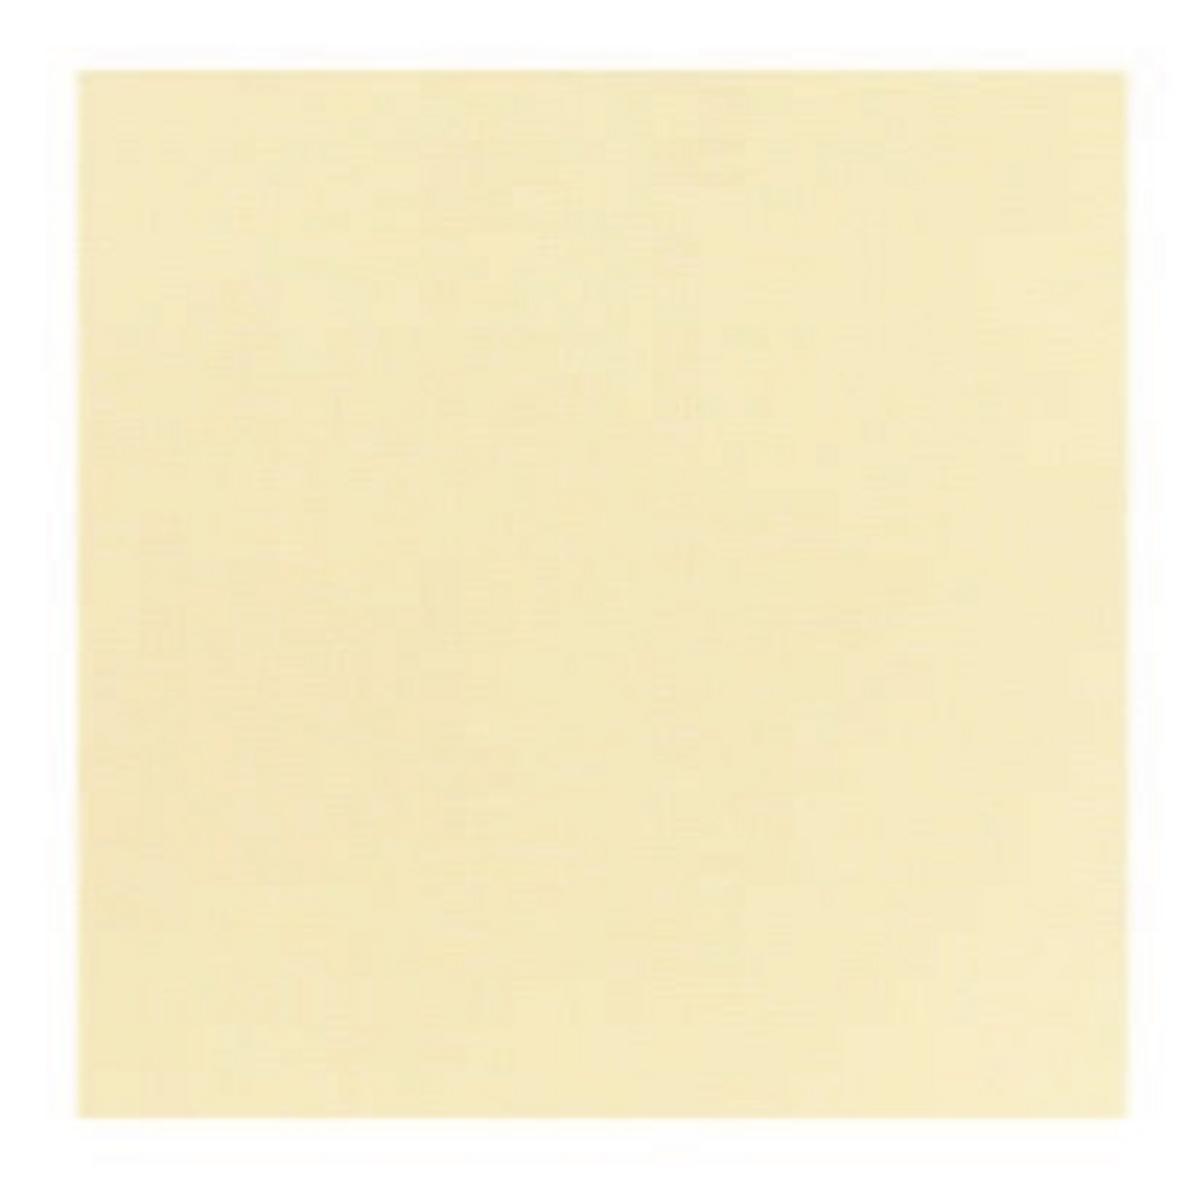 Serviette ivoire non tissé 40x39 cm Basik Soft Guest Of (50 pièces)